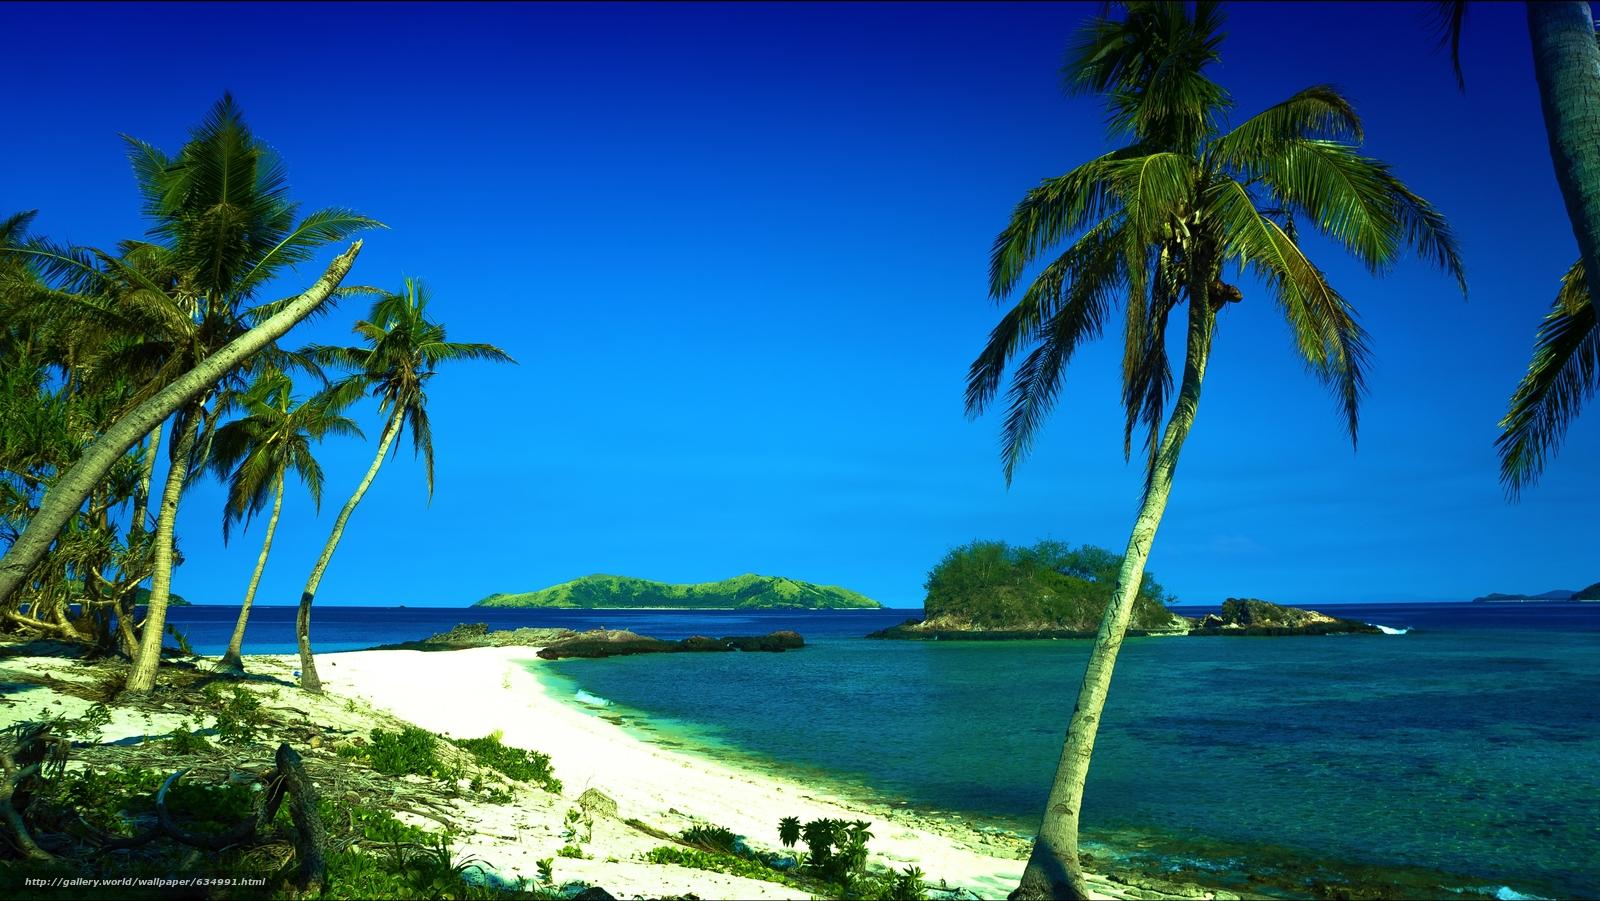 下载壁纸 斐济群岛, 在南太平洋